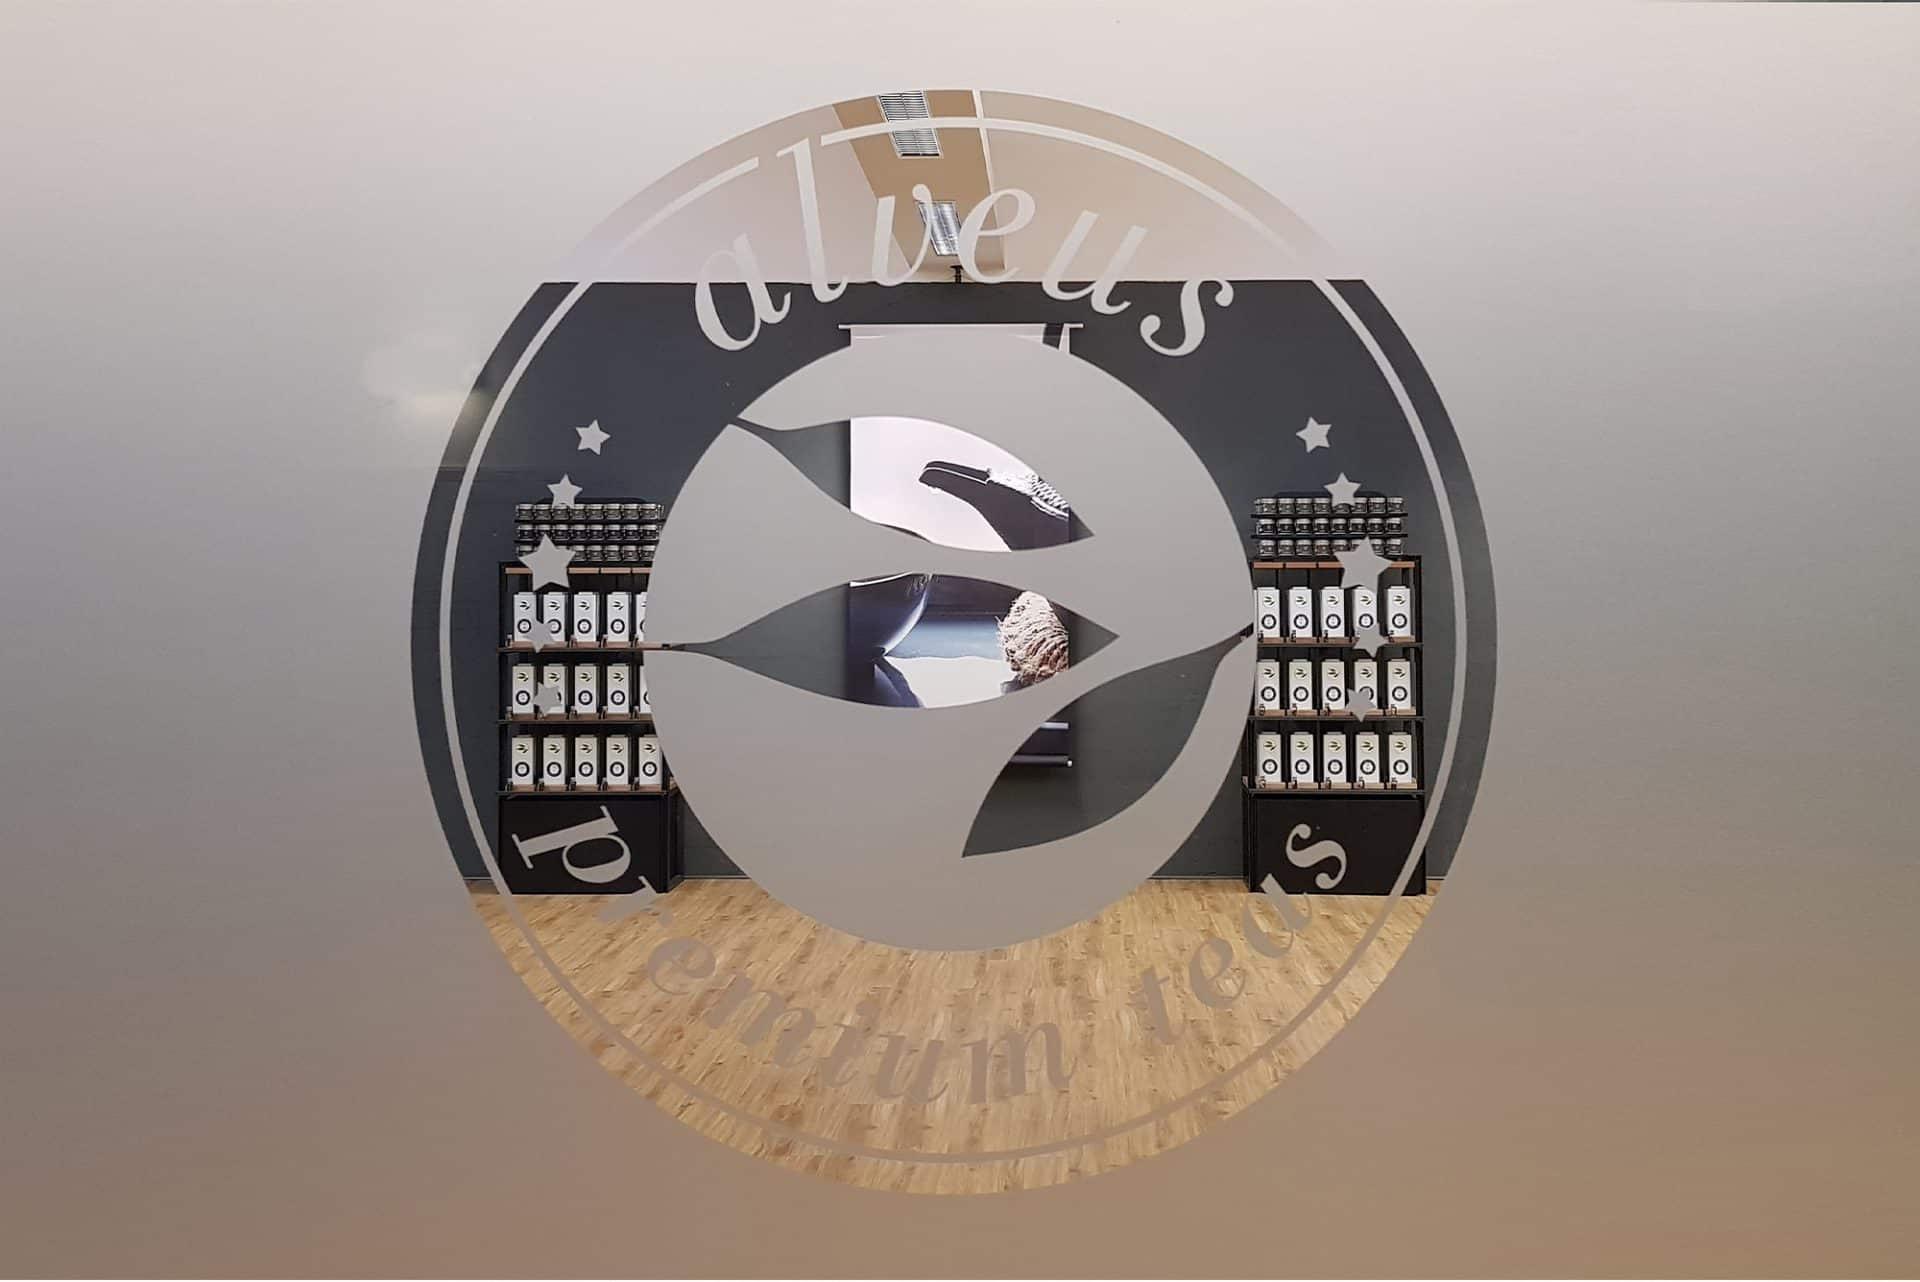 Showroom Konzept Produkt-Design Corporate-Design von Lange Architekten im zweiten Showroom von alveus premium-teas Eingang mit Glastür und Loge mit Blick für den Kunden auf Tee-Regale und Großformat-Photo-Banner von Lange Architekten